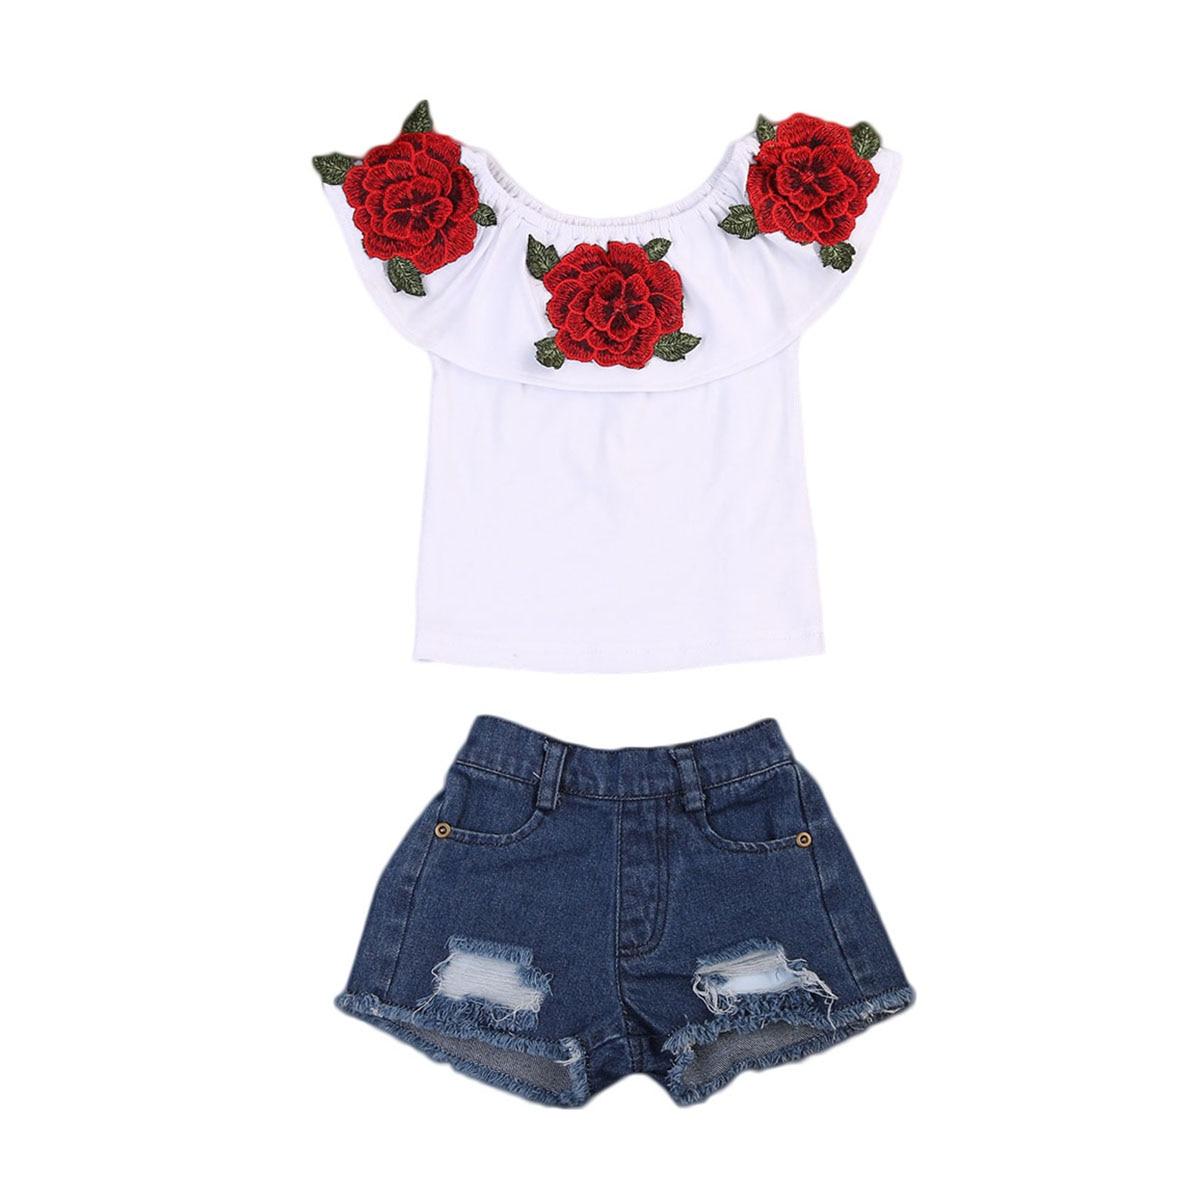 Милые детские детская одежда для девочек 3D одежда с цветочным рисунком комплект одежды с открытыми плечами цветочный Топы корректирующие ф...